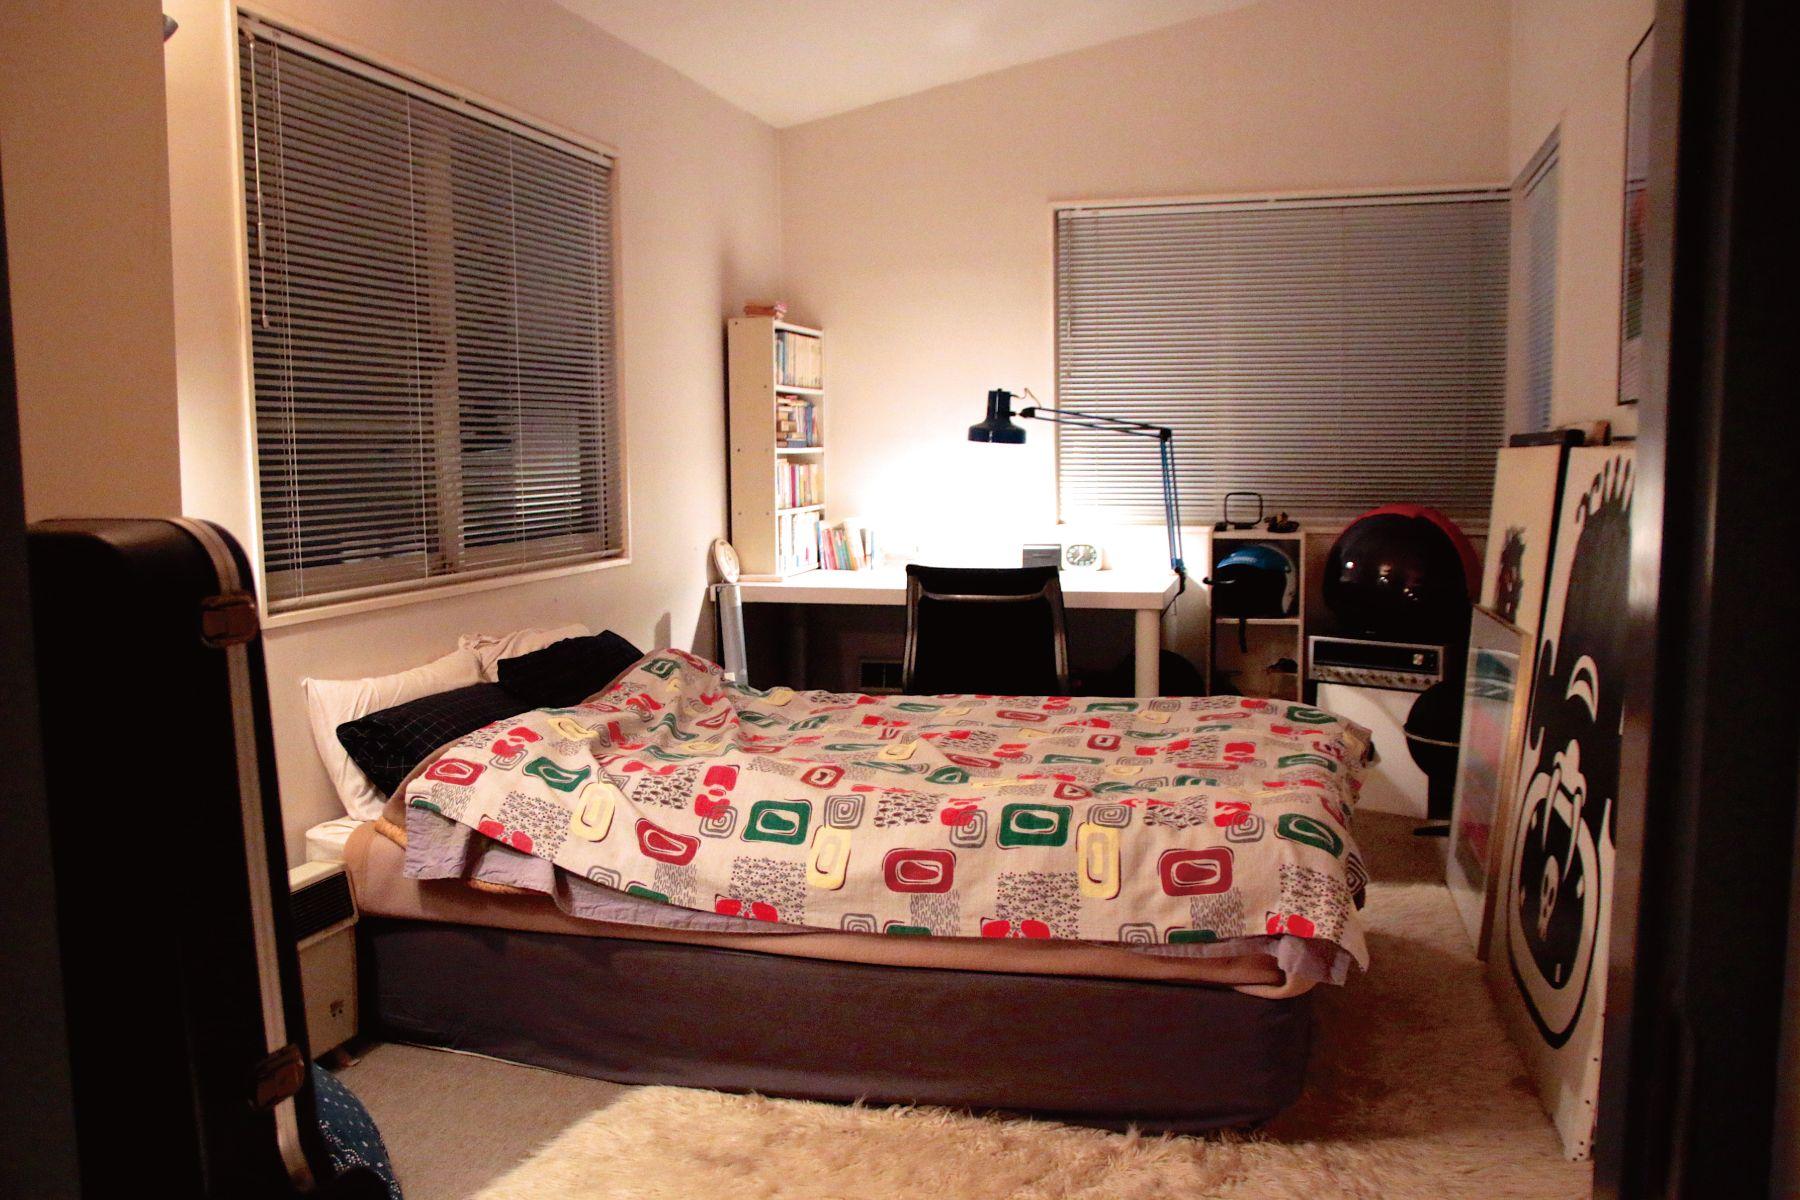 UNION HOUSE(ユニオンハウス)ベースハウス ベッドルーム